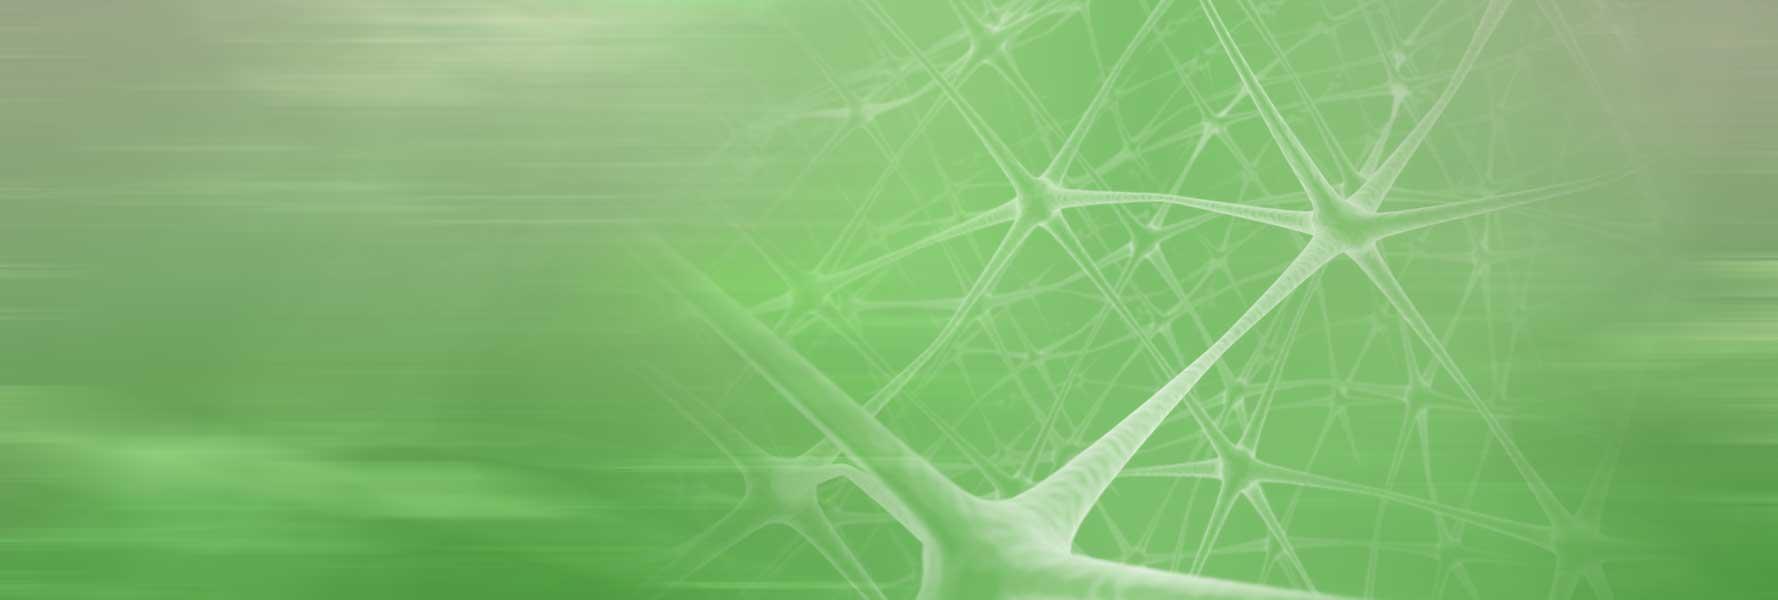 1778x600_green_BLUR_v4_1573102